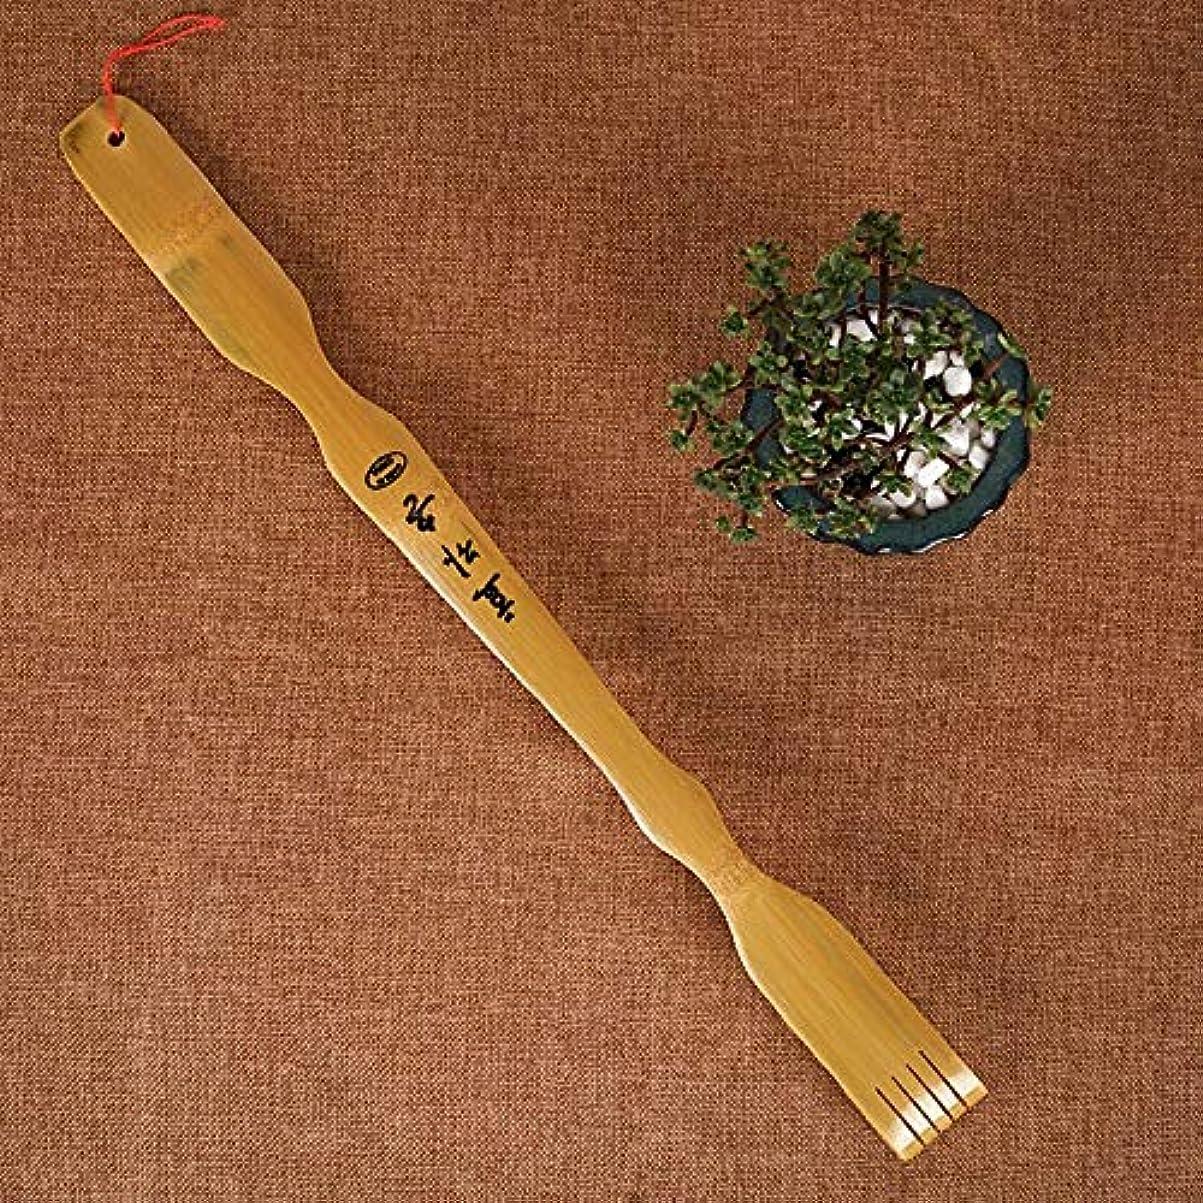 ホイットニーくま参照するRuby背中掻きブラシ 竹製 まごのて 敬老の日 プレゼント高人気 背中かゆみを止め マッサージ用